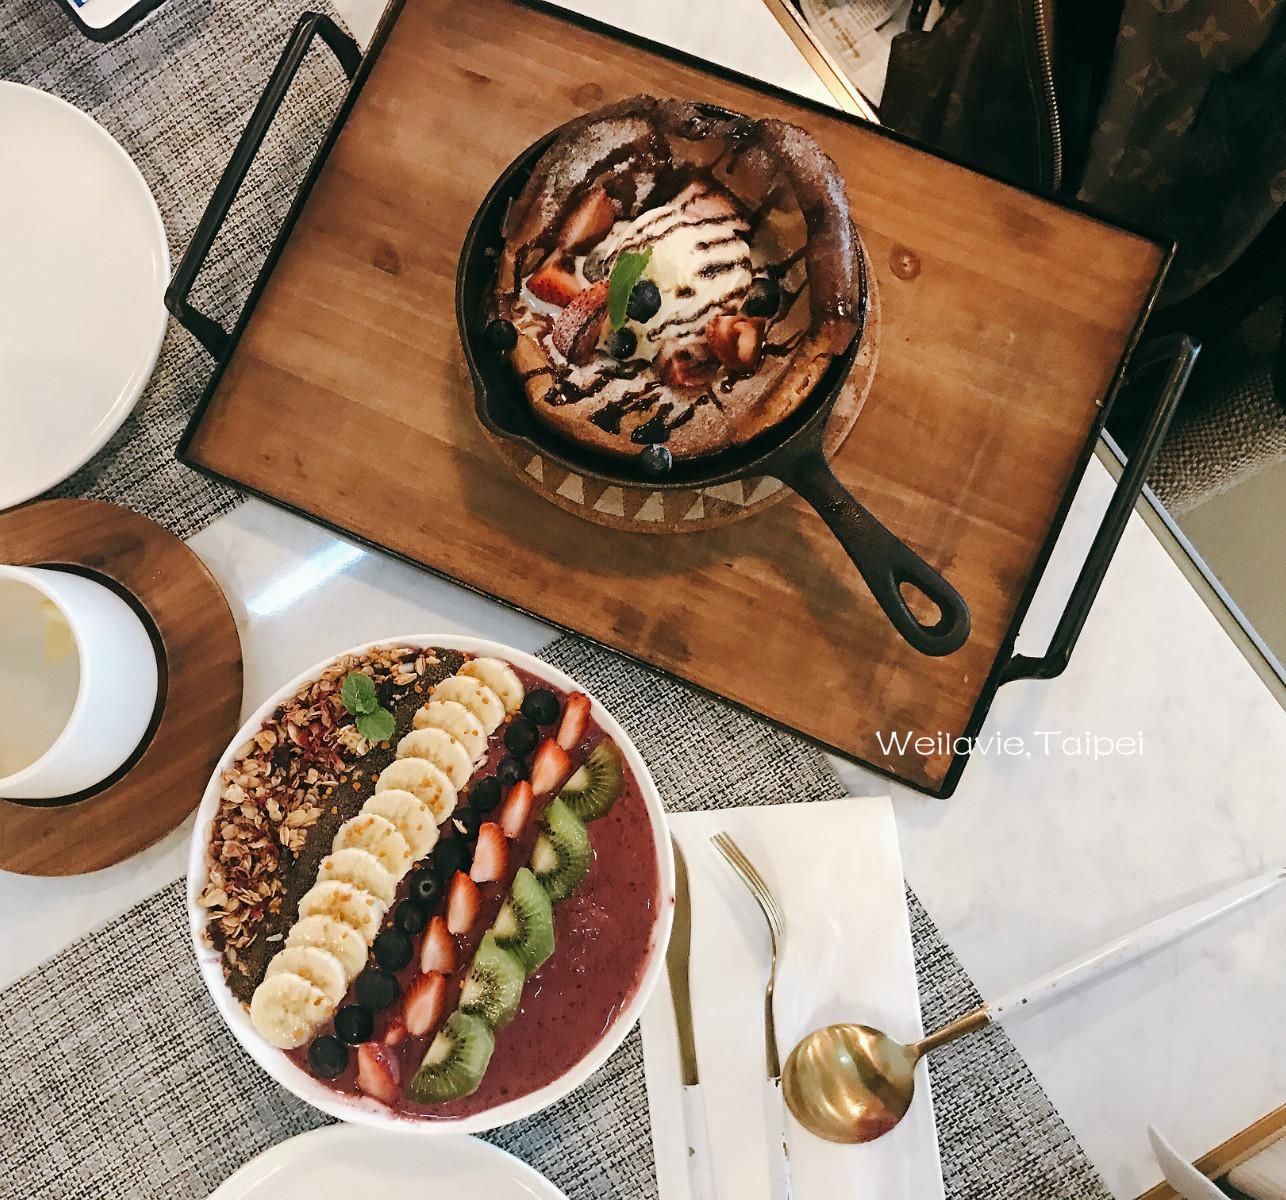 忠孝復興|我的排行早午餐推薦| 超美味Acai bowl巴西莓果碗 - Weilavie